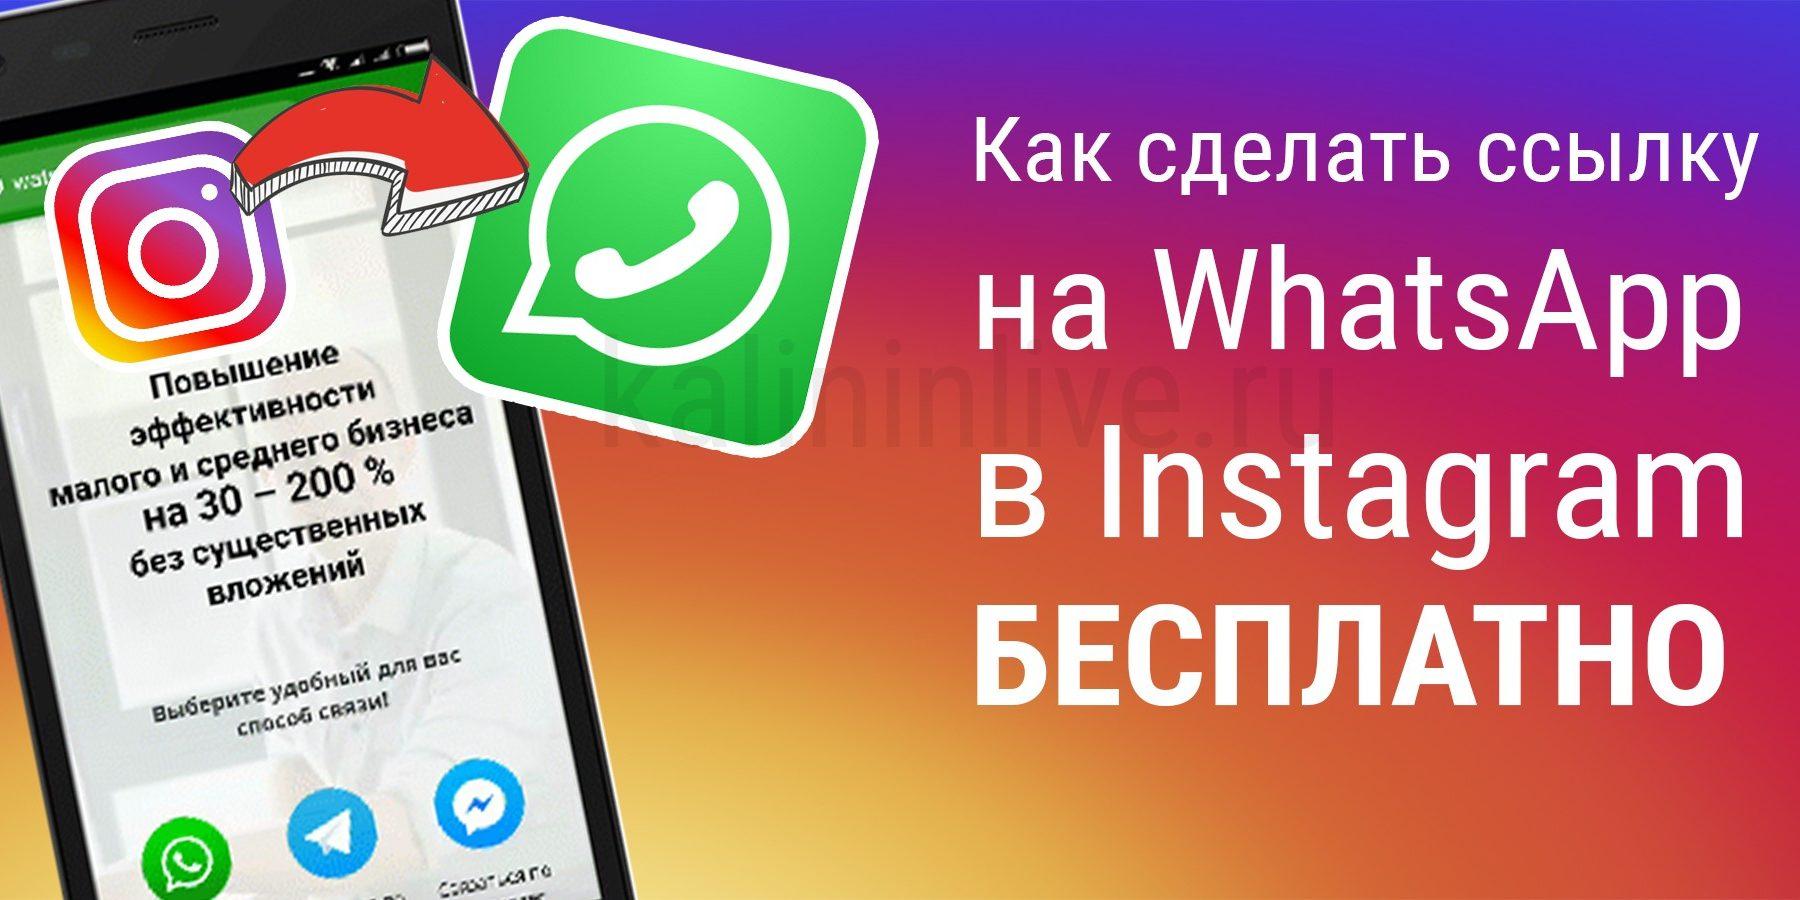 Как сделать ссылку на ватсап в Инстаграм бесплатно